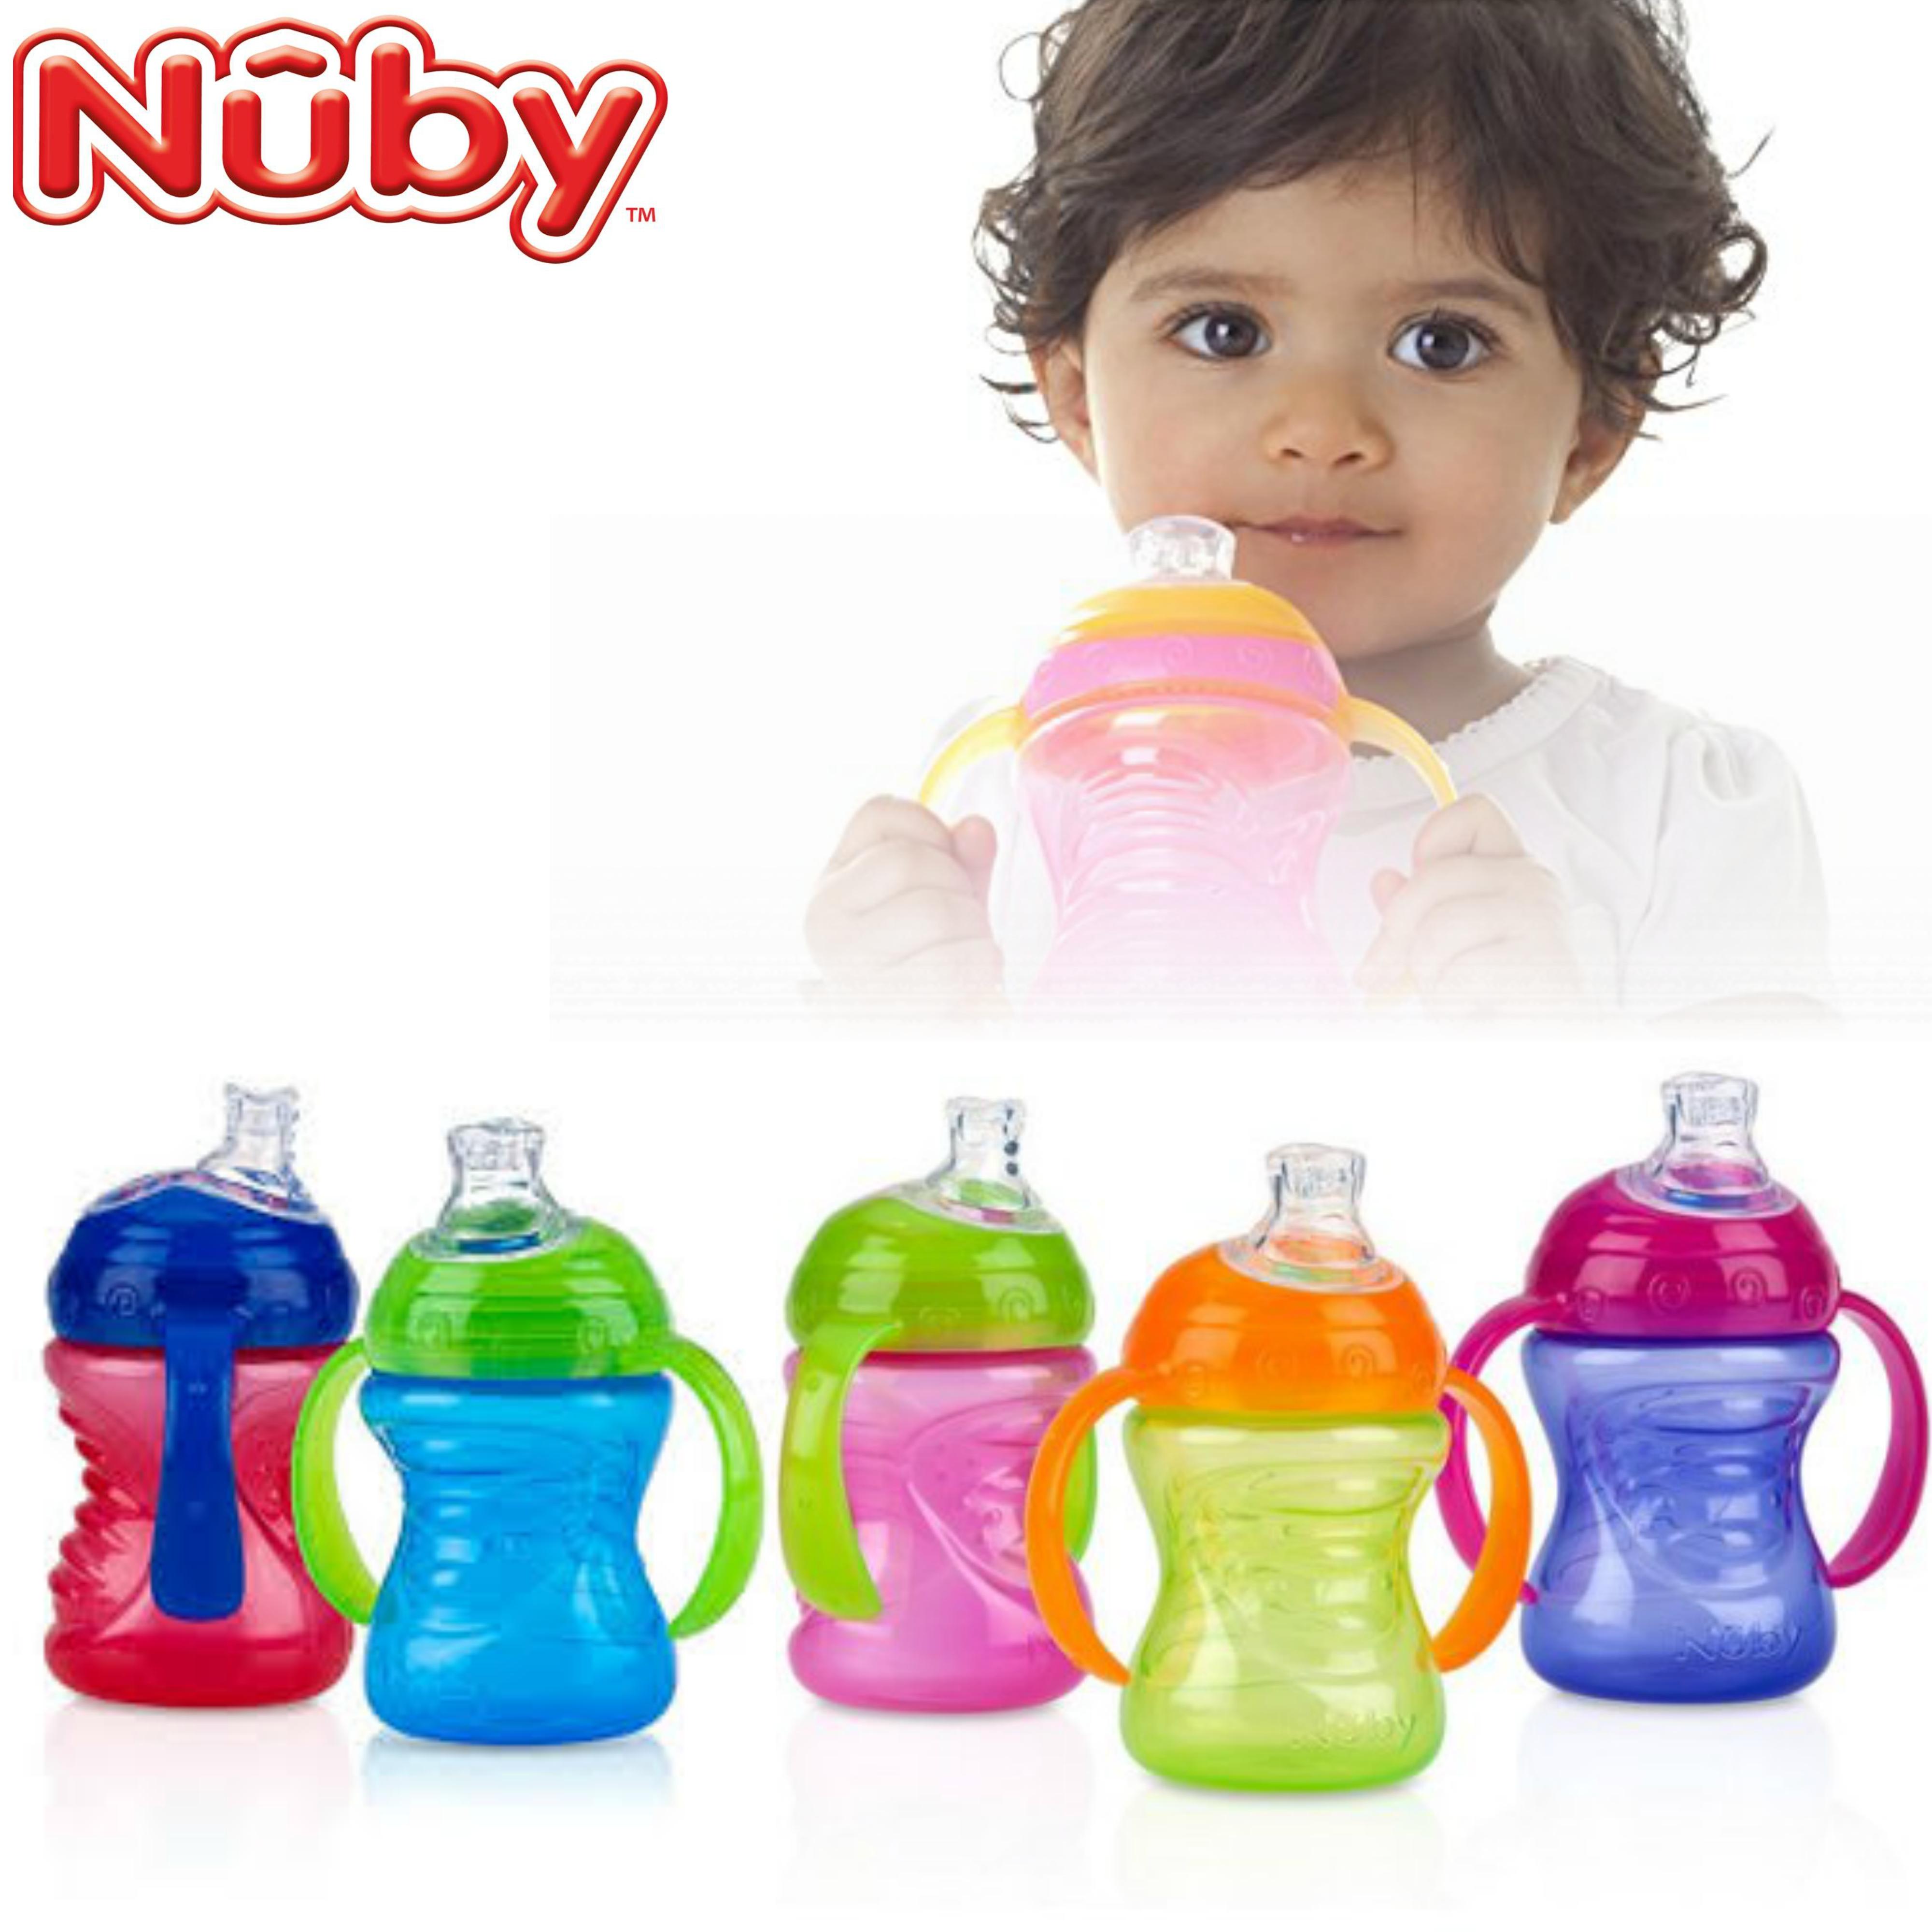 Nuby Sipeez Super Spout Grip N Sip | Silicone Spout | 4-12months | Non-Spill | Soft flex | New